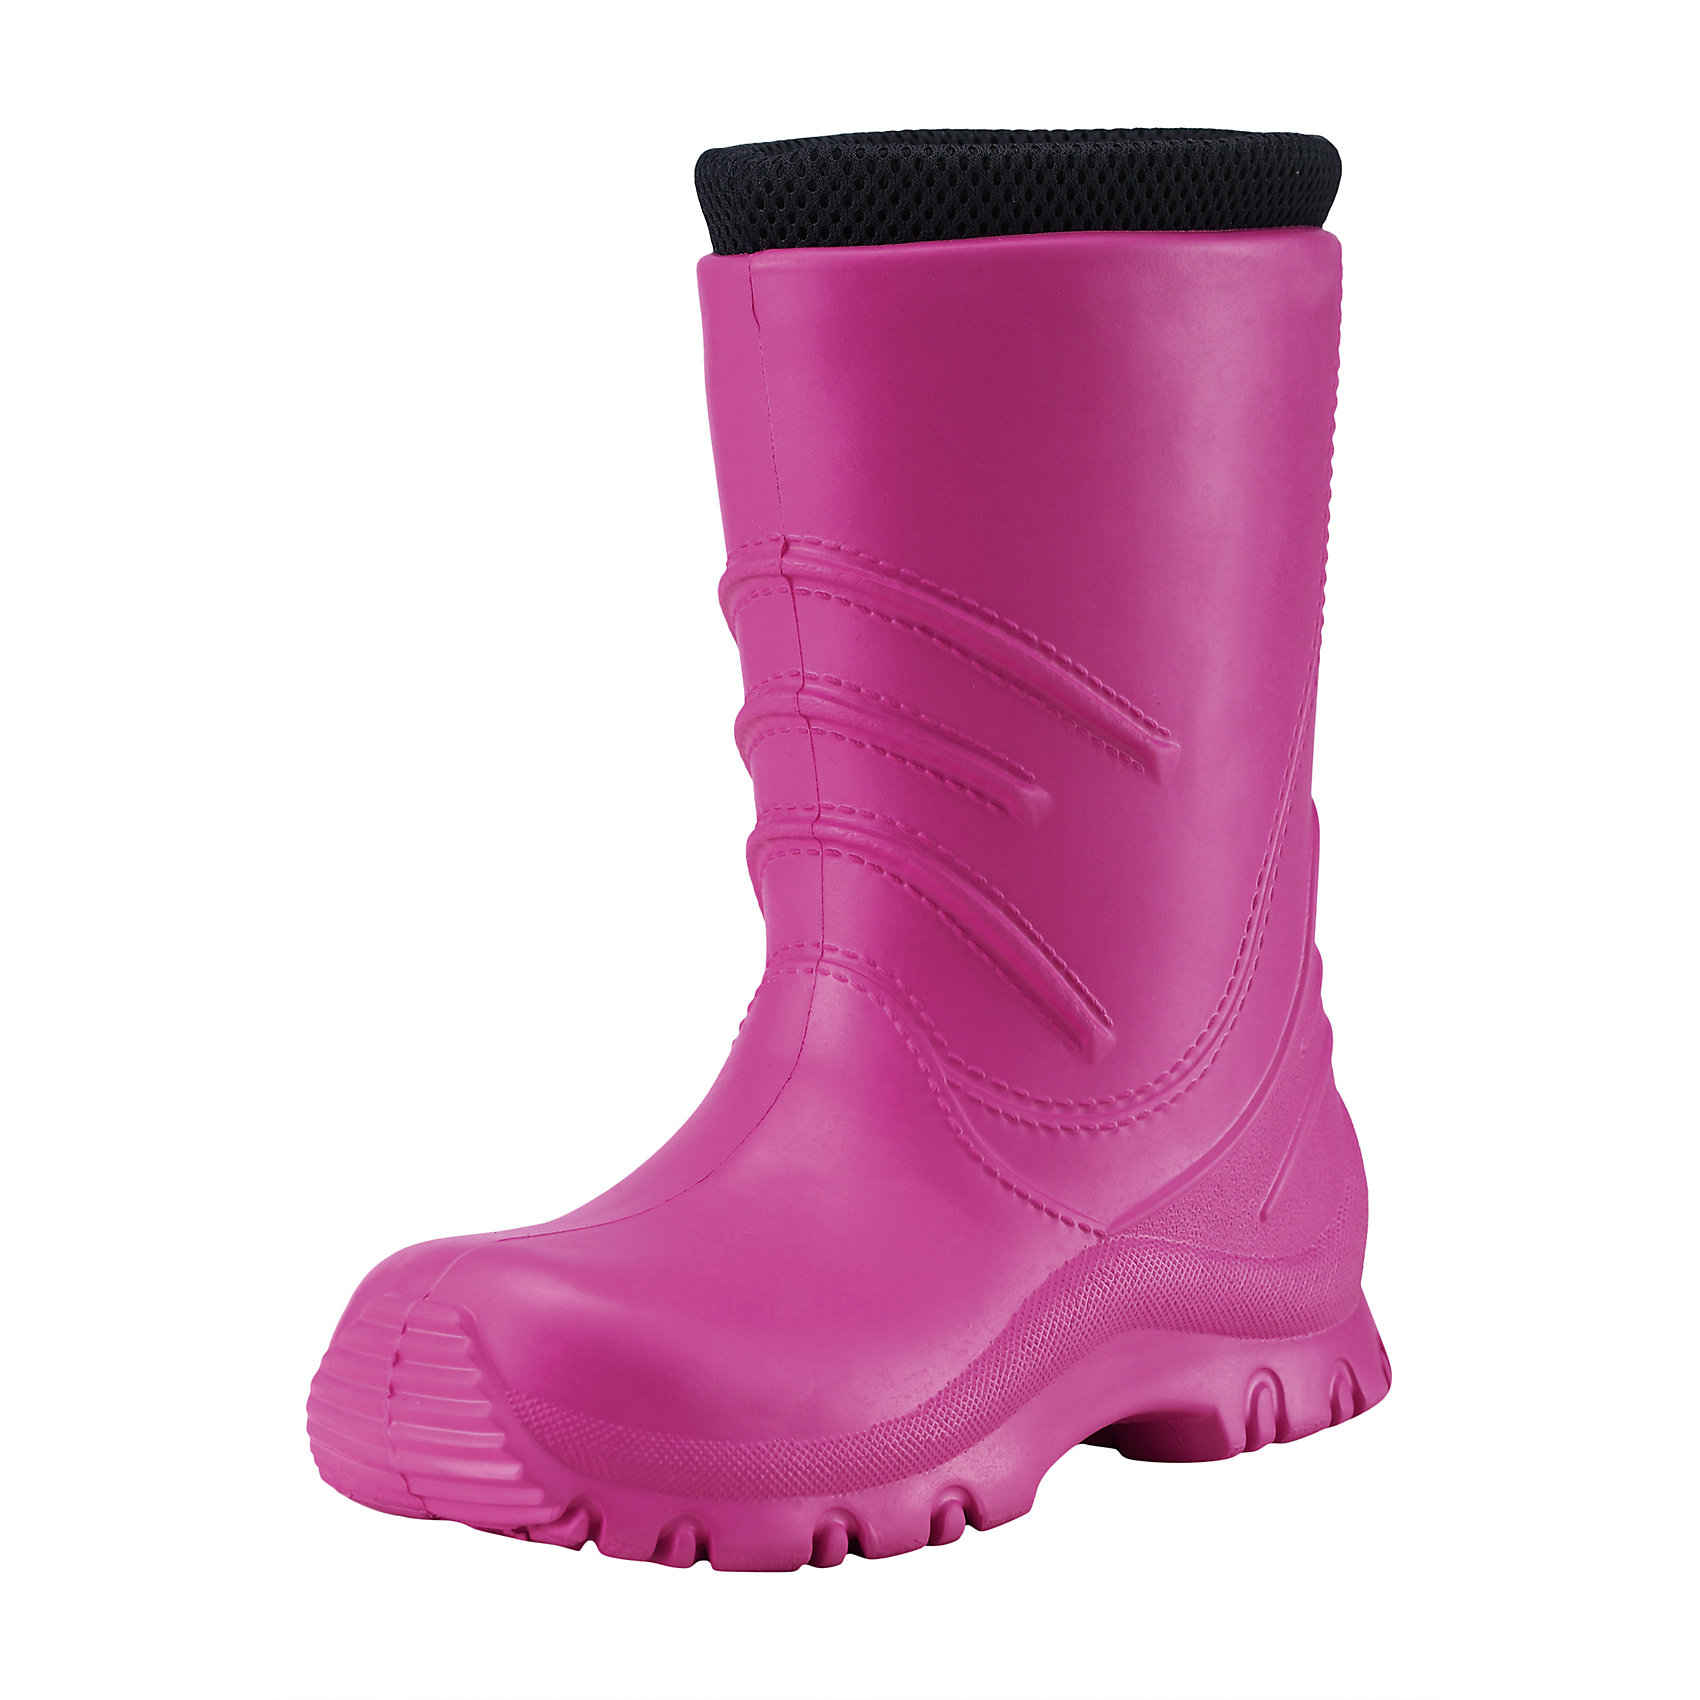 Резиновые сапоги Frillo Rainboot ReimaОбувь<br>Характеристики товара:<br><br>• цвет: розовый<br>• внешний материал: ЭВА<br>• внутренний материал: текстиль<br>• стелька: текстиль<br>• подошва: ЭВА<br>• температурный режим: от +5°до +20°С<br>• водонепроницаемая мембрана свыше 12000 мм<br>• водонепроницаемый материал<br>• съёмный внутренний сапожок<br>• можно носить как с сапожком так и без него<br>• очень лёгкие<br>• хорошее сцепление с поверхностью<br>• страна бренда: Финляндия<br>• страна производства: Китай<br><br>Детская обувь может быть модной и комфортной одновременно! Удобные стильные сапоги-веллингтоны помогут обеспечить ребенку комфорт во время непогоды и межсезонья. Они отлично смотрятся с различной одеждой. Сапоги очень легкие, удобно сидят на ноге и аккуратно смотрятся. Легко чистятся и долго служат. Продуманная конструкция разрабатывалась специально для детей.<br><br>Сапоги от финского бренда Reima (Рейма) можно купить в нашем интернет-магазине.<br><br>Ширина мм: 237<br>Глубина мм: 180<br>Высота мм: 152<br>Вес г: 438<br>Цвет: розовый<br>Возраст от месяцев: 72<br>Возраст до месяцев: 84<br>Пол: Женский<br>Возраст: Детский<br>Размер: 30,28,34,32,22,24,26<br>SKU: 5266782